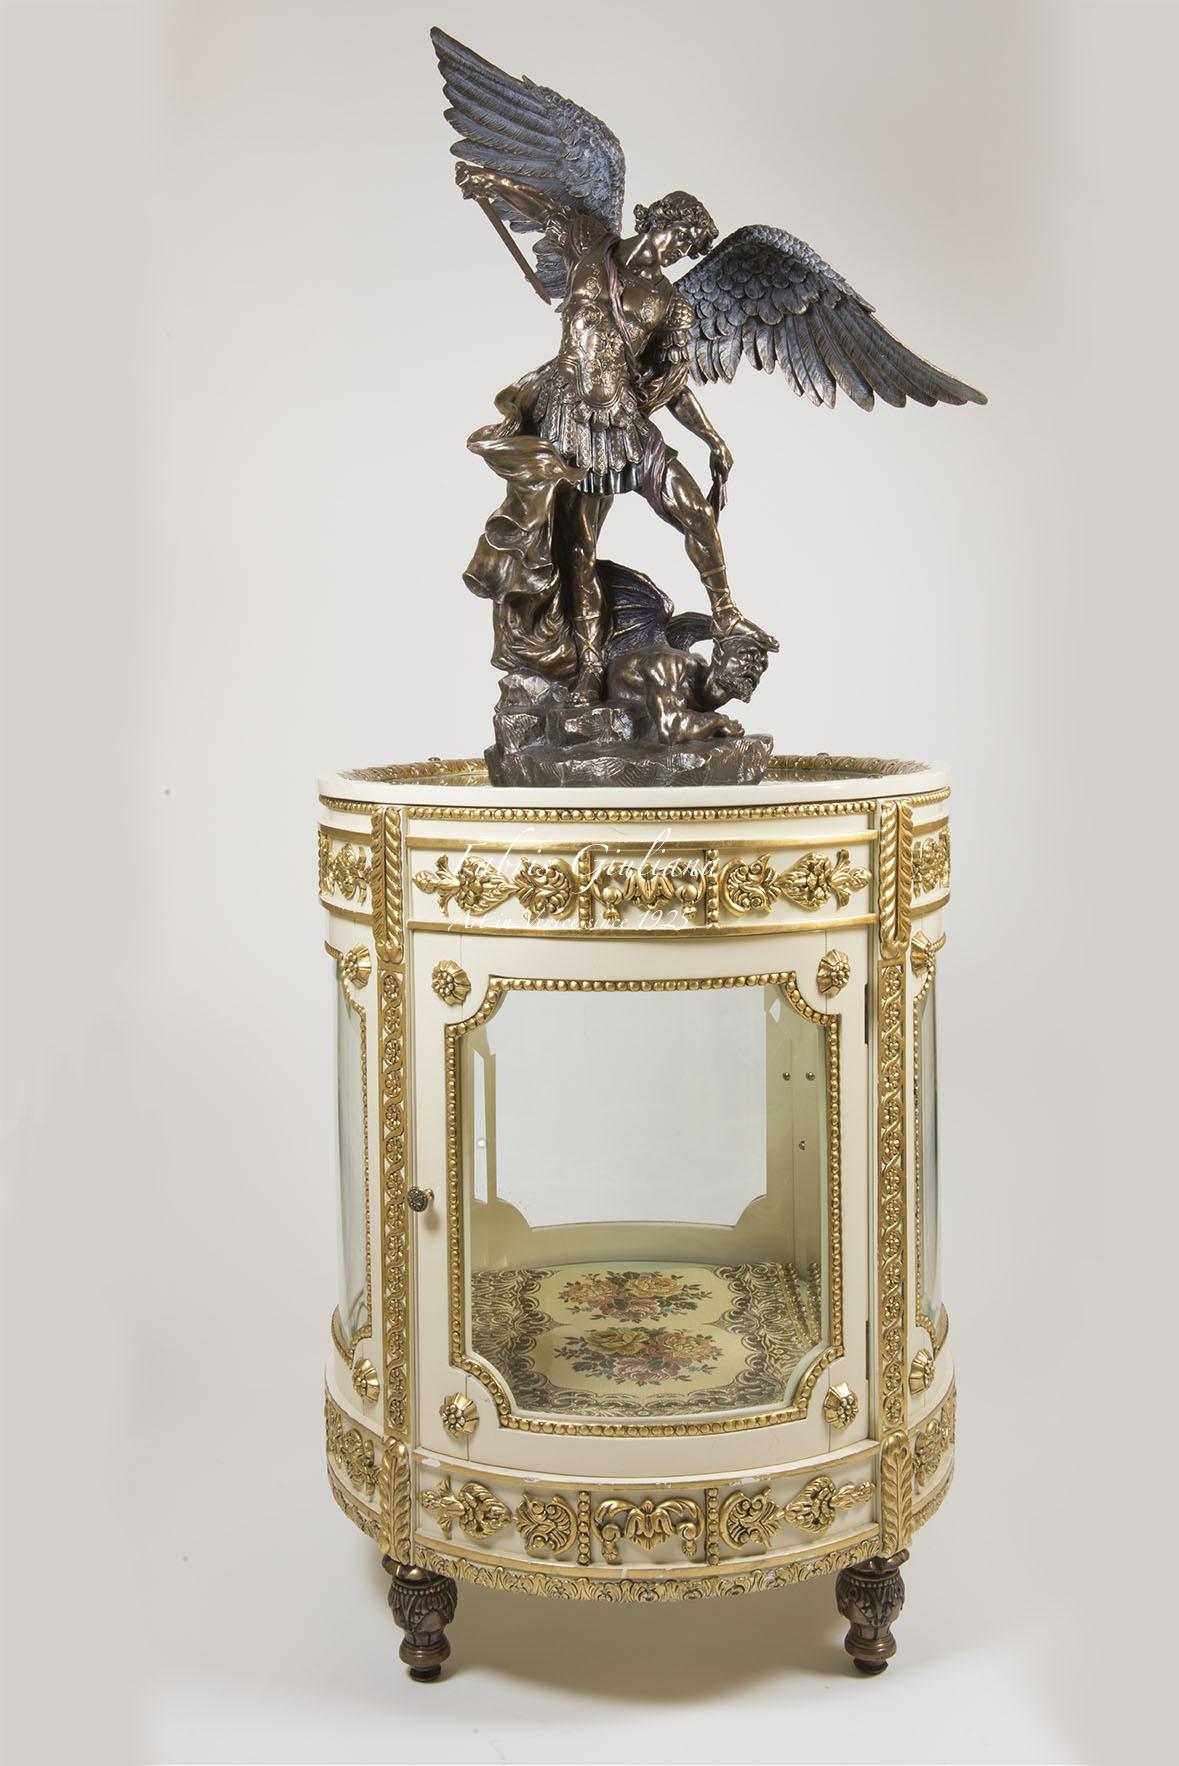 St Michael by Guido Reni